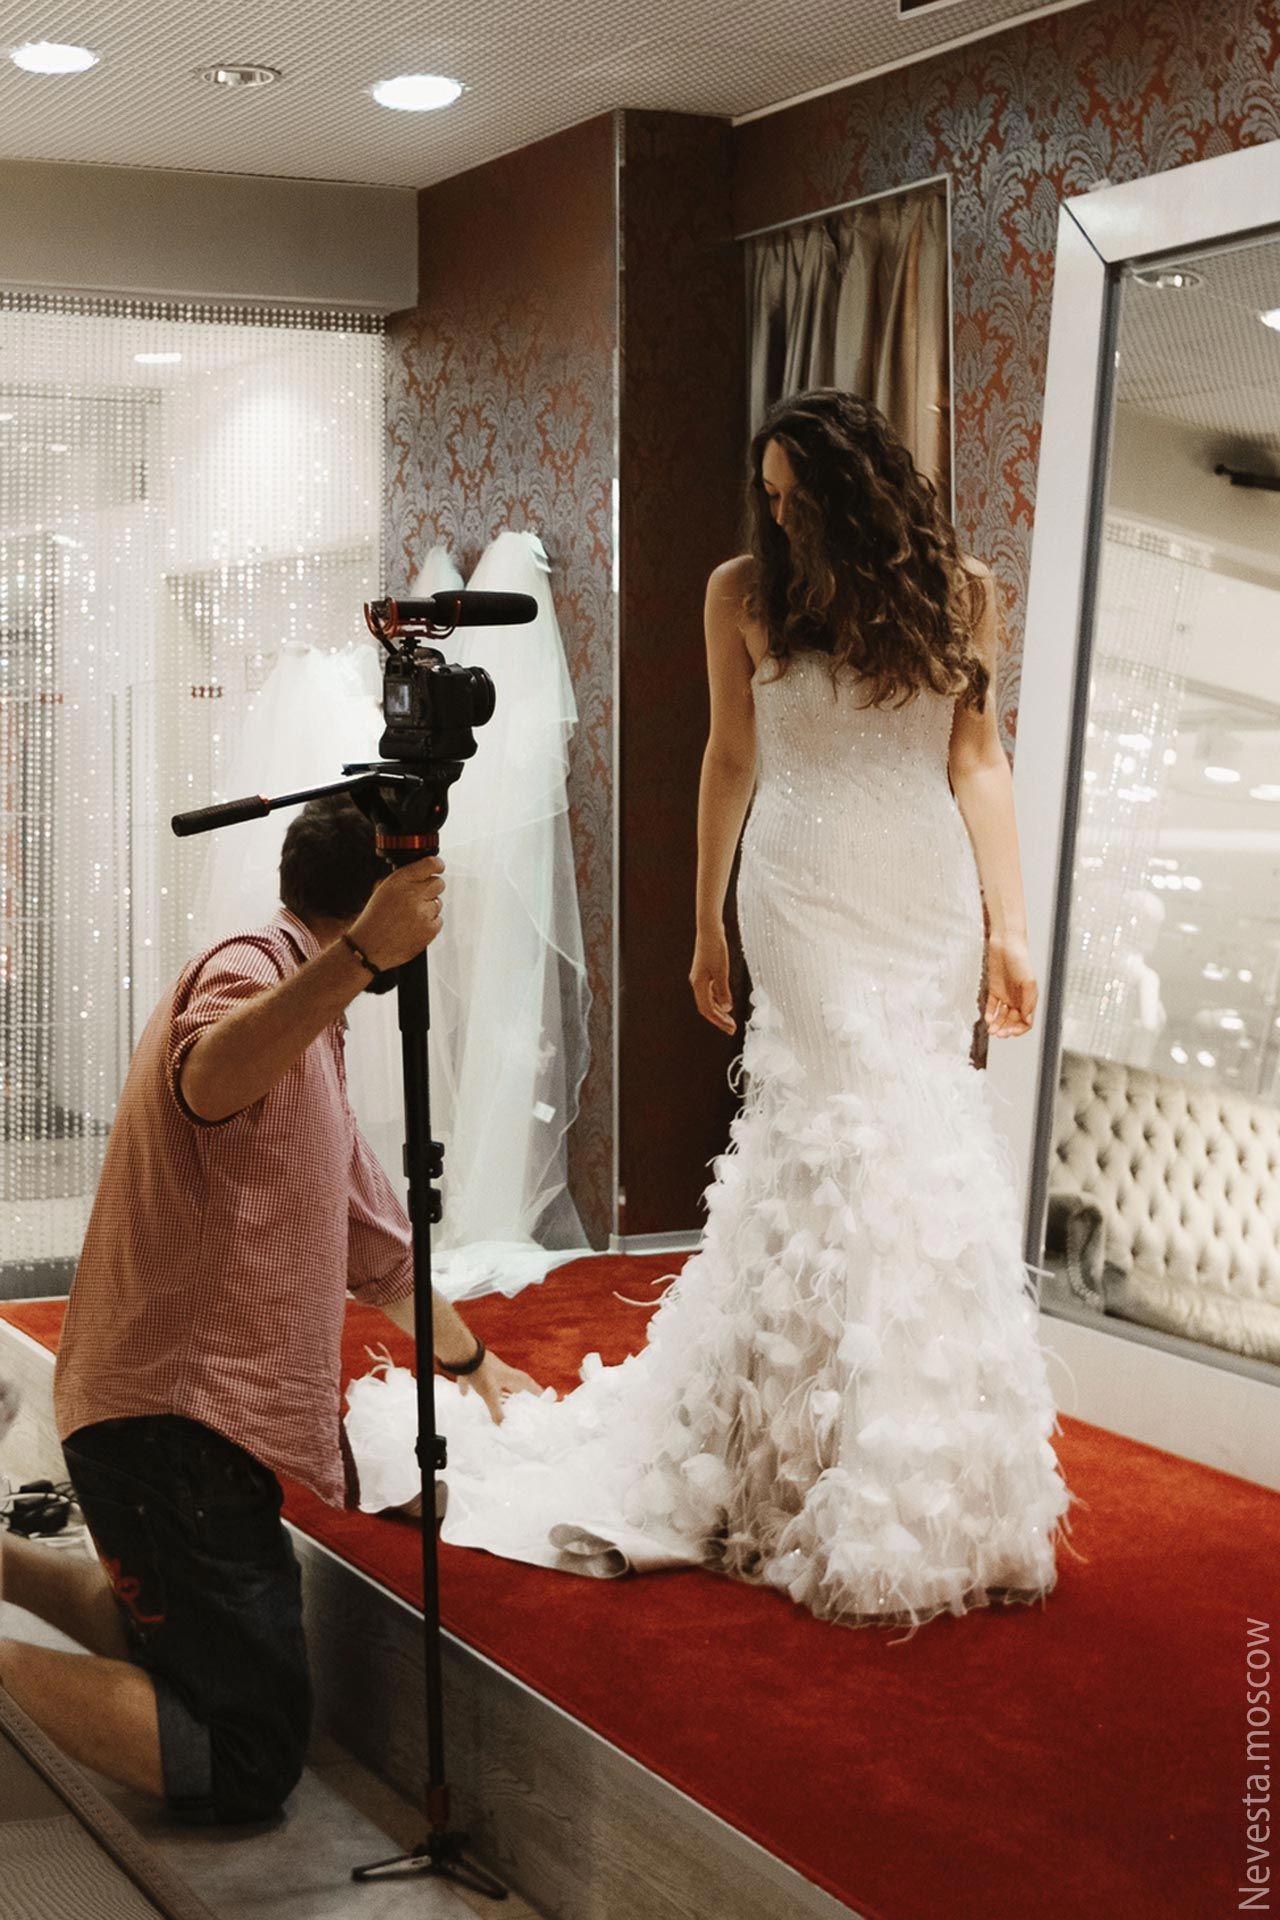 Рената Байкова примеряет свадебное платье фото 20